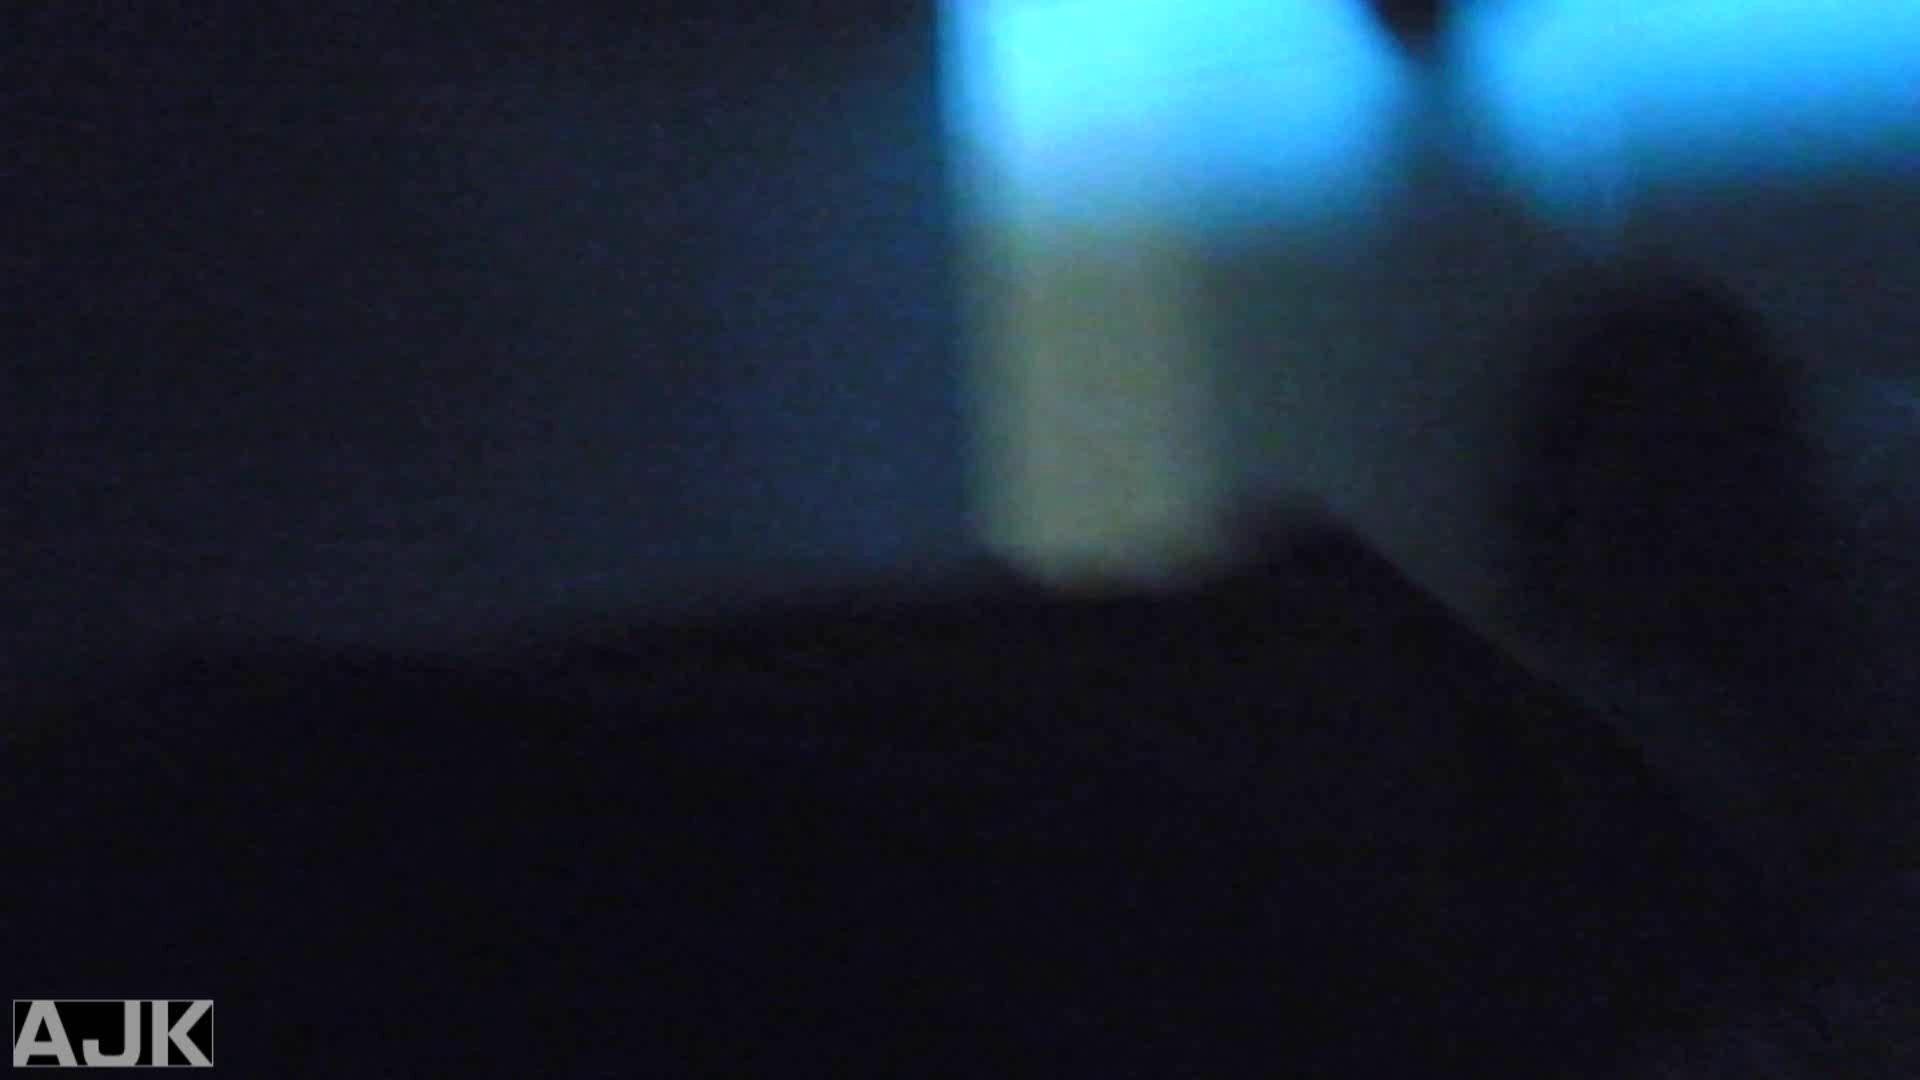 神降臨!史上最強の潜入かわや! vol.17 潜入 盗撮動画紹介 106PIX 14